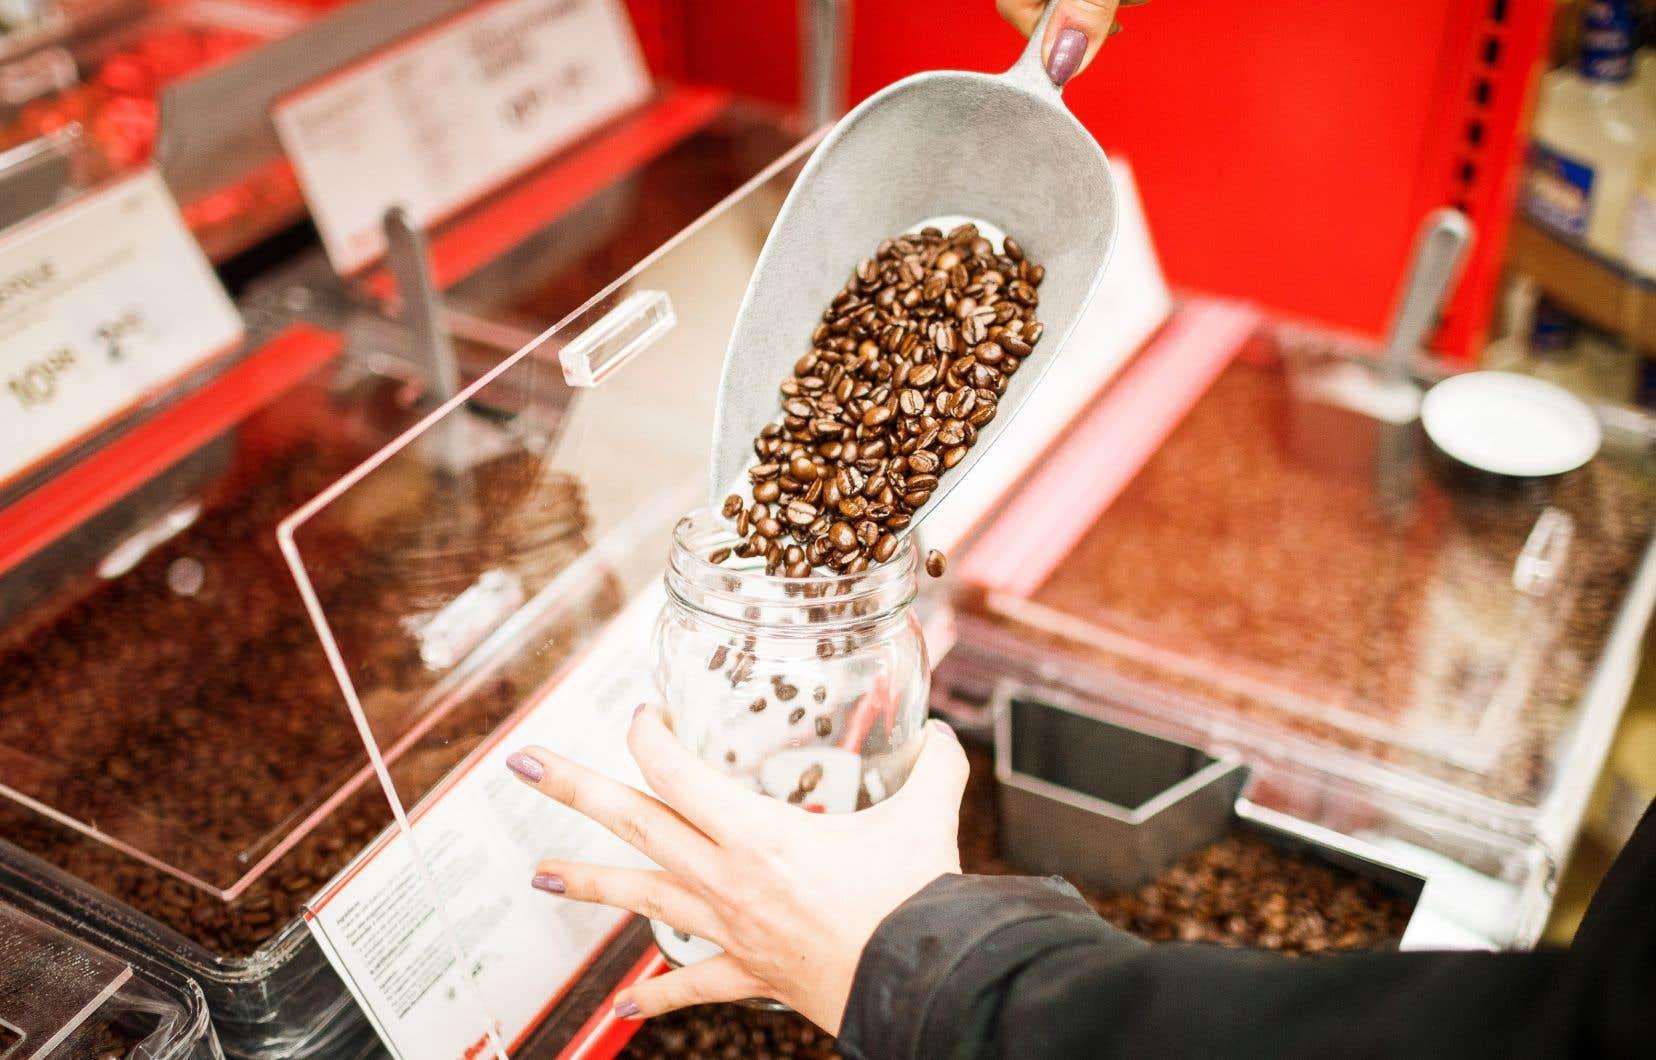 À l'heure actuelle, certains commerces permettent aux consommateurs d'acheter  en vrac  et d'utiliser  leurs propres contenants.